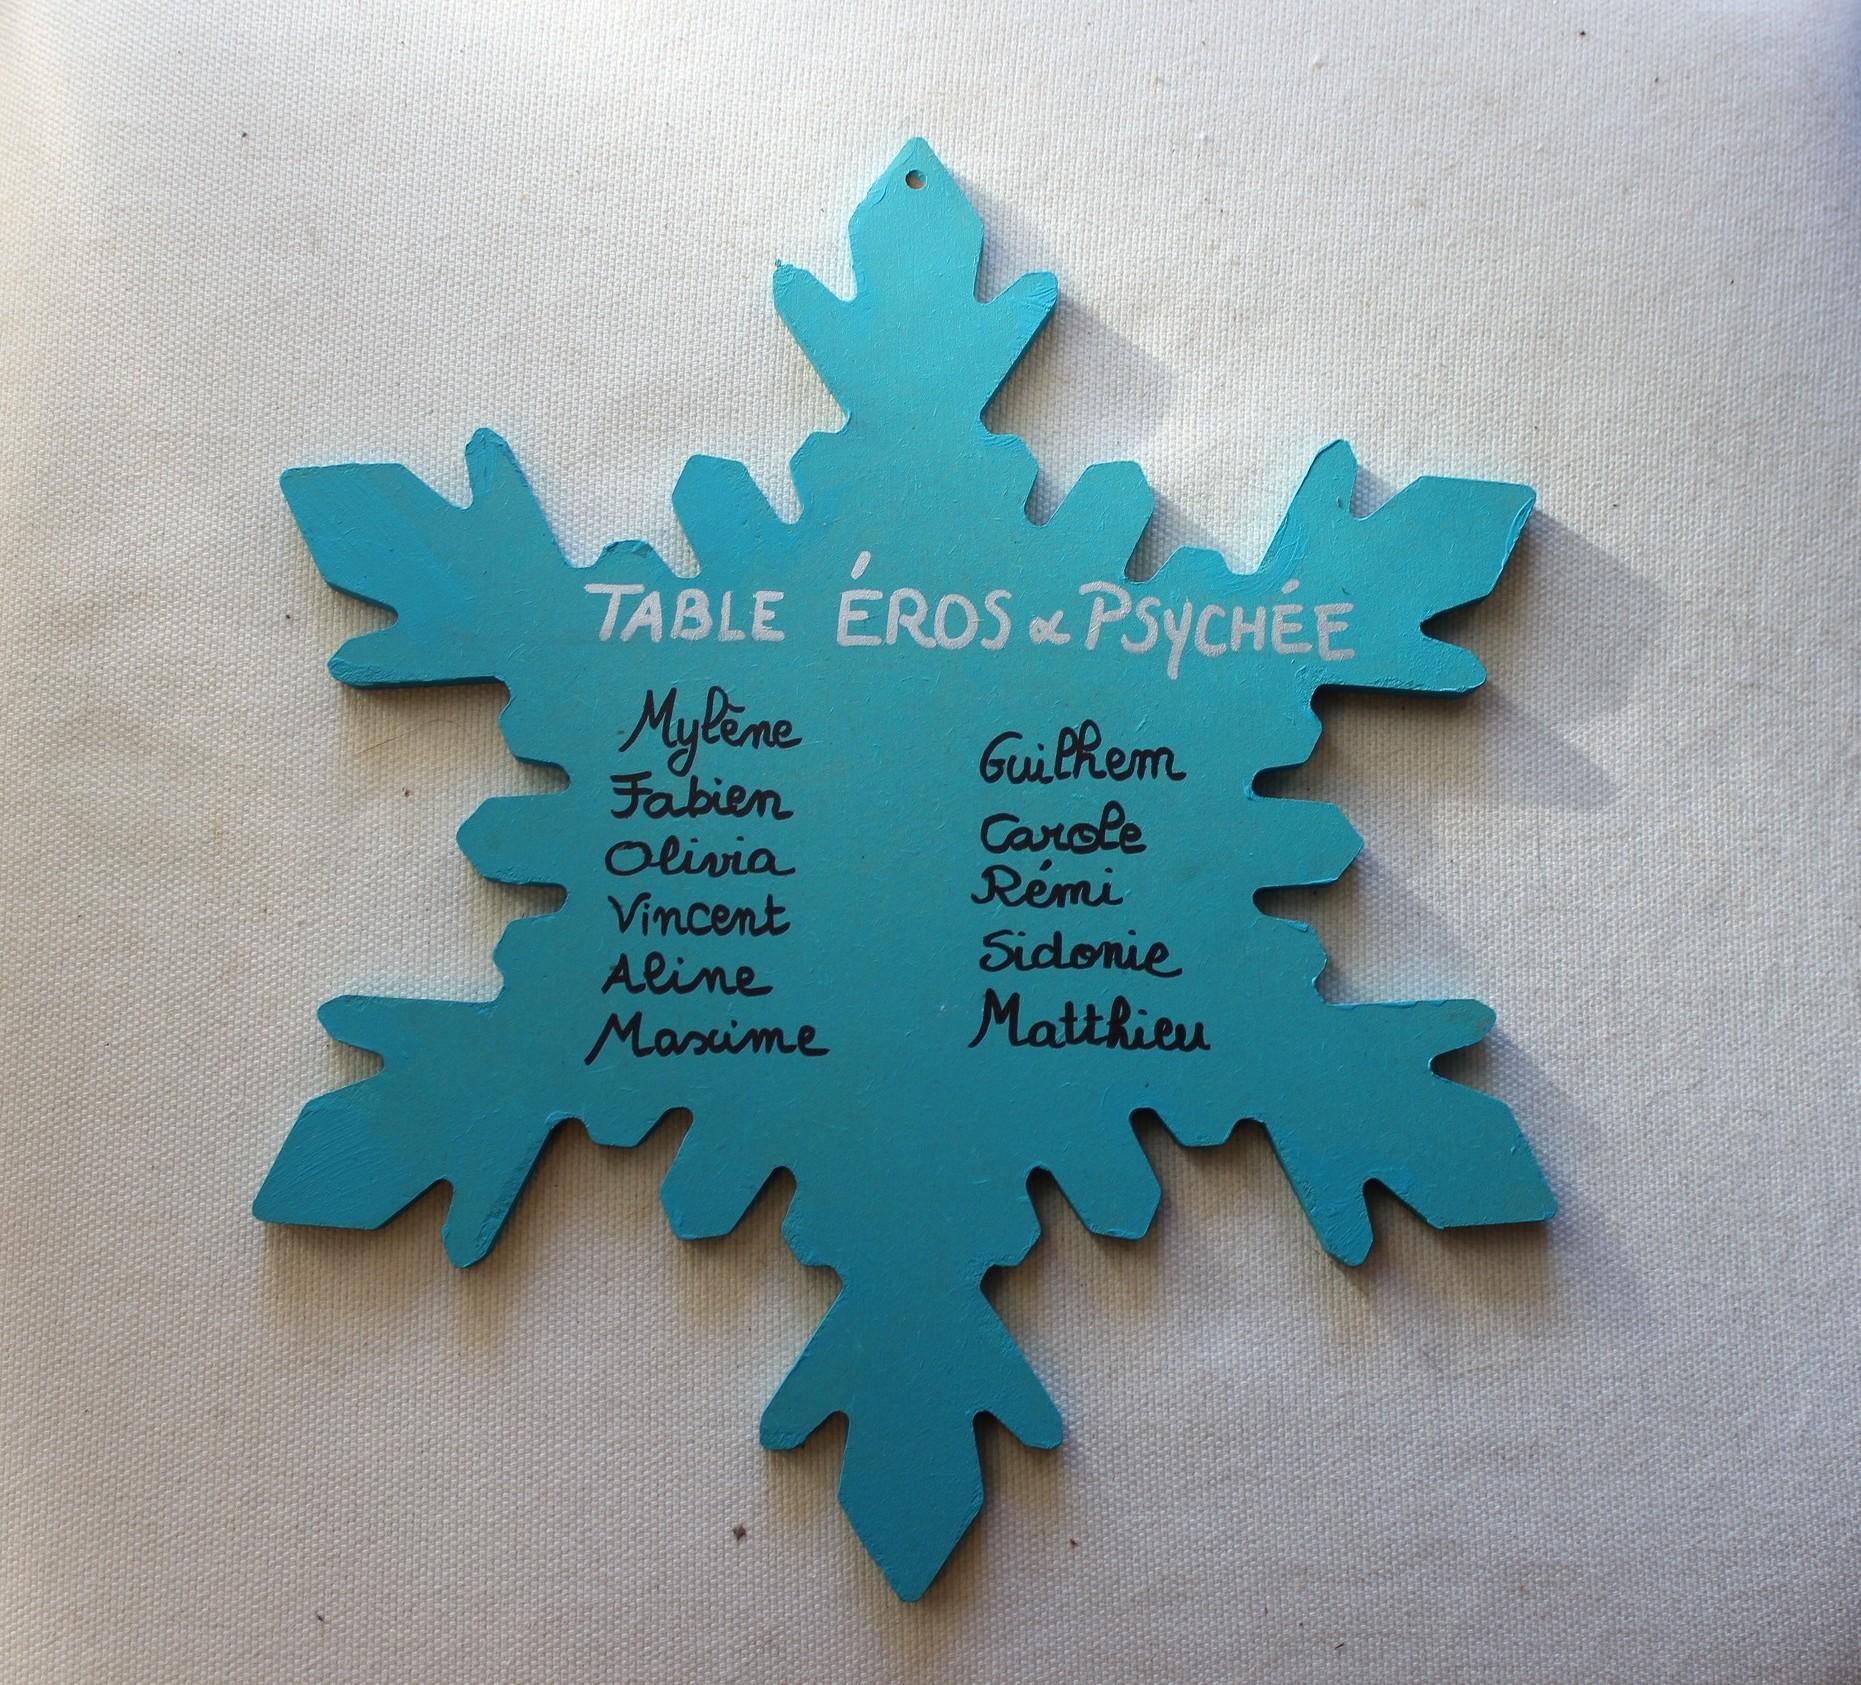 Plan de table, une place pour chacun et chacun à sa place